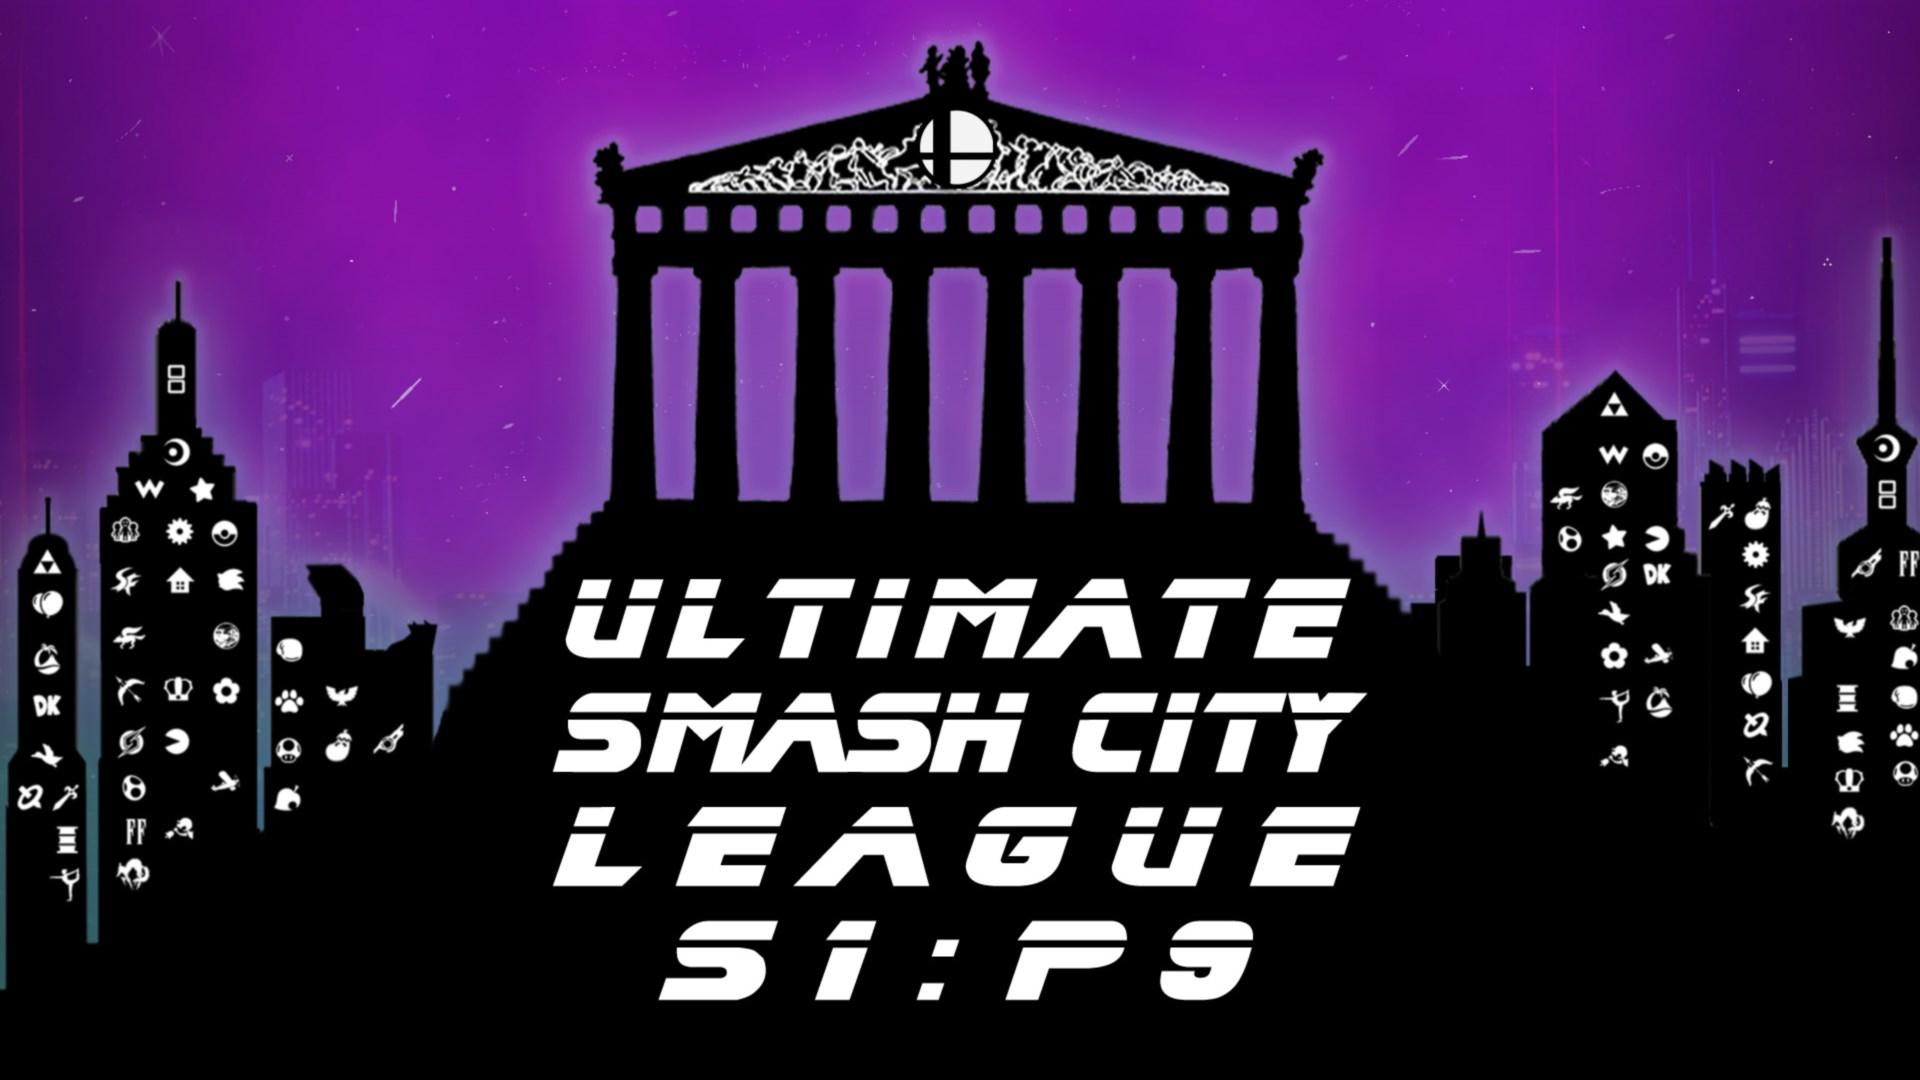 Αποτελέσματα τουρνουά Ultimate Smash City League S1:P9 Athens